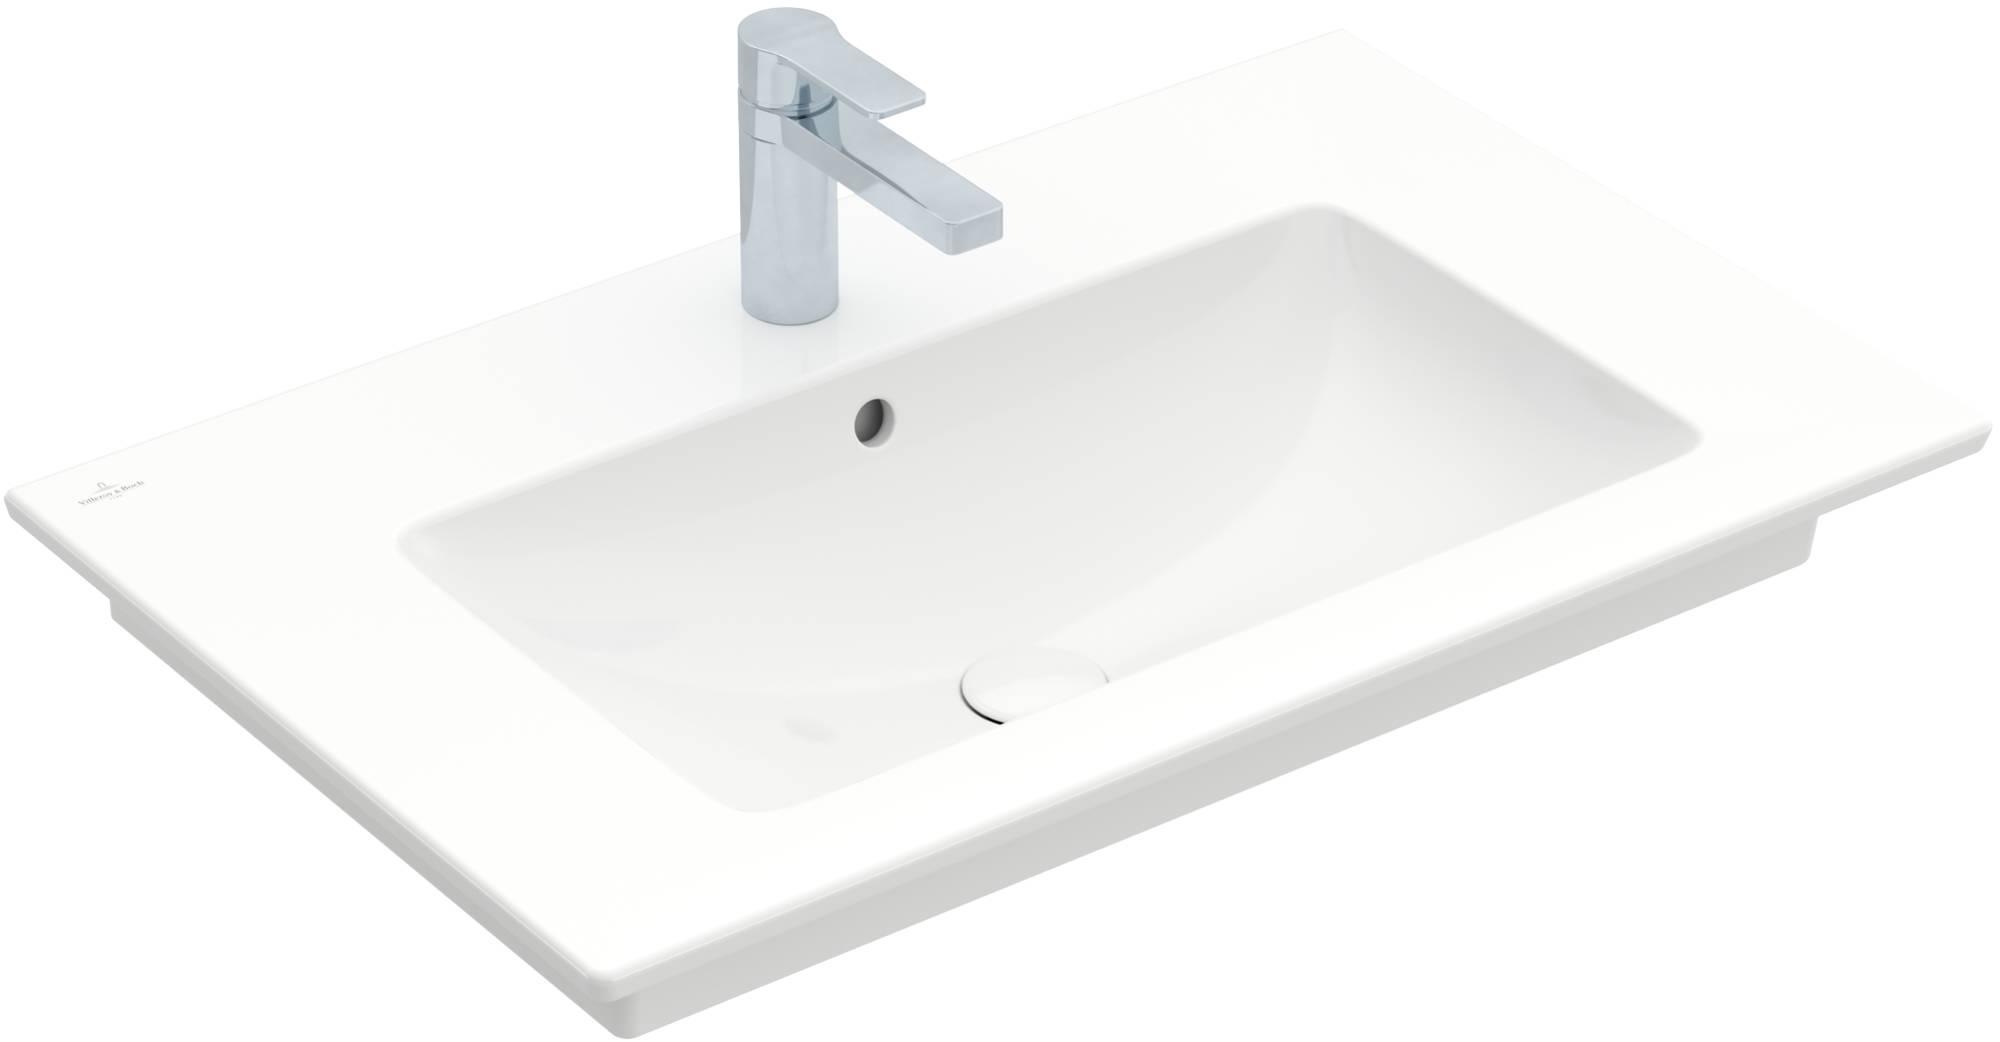 Villeroy & Boch meubelwastafel 80x50 cm. 1x kraangat m/overloop